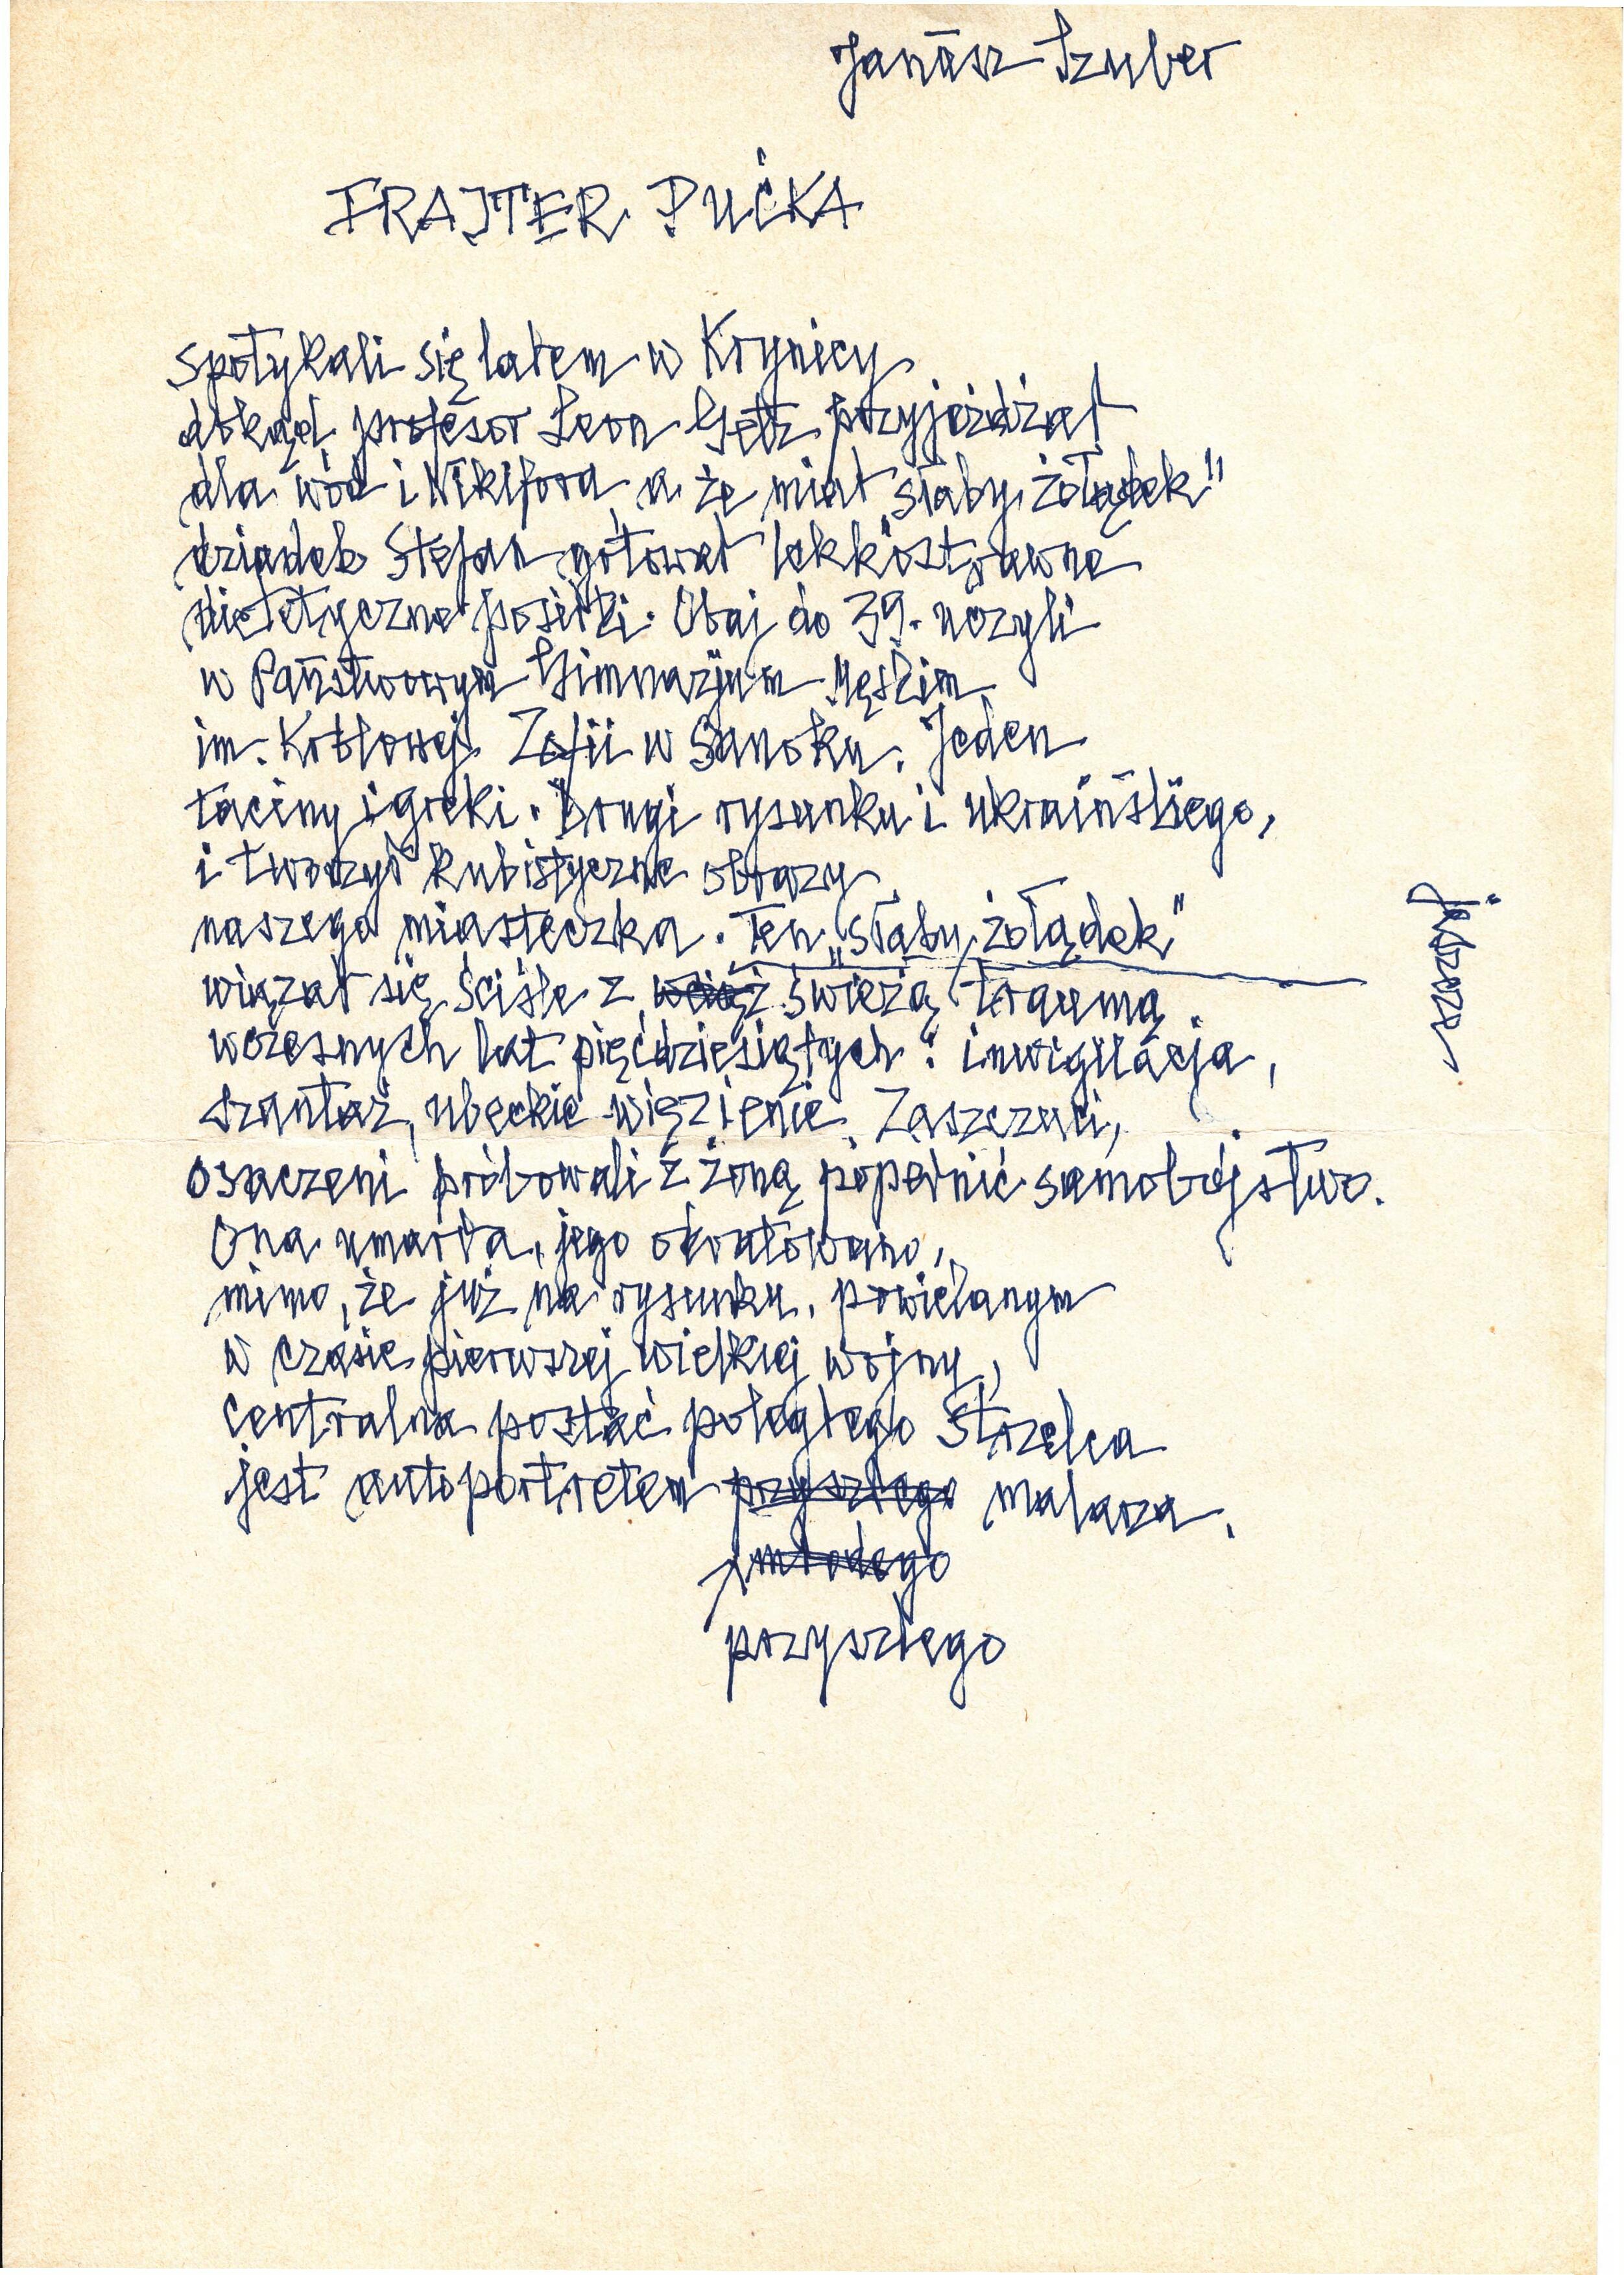 """szuber - Muzeum Historyczne i """"Tygodnik Sanocki"""" zapraszają na pierwsze spotkanie z cyklu """"Urodziny Poety"""""""